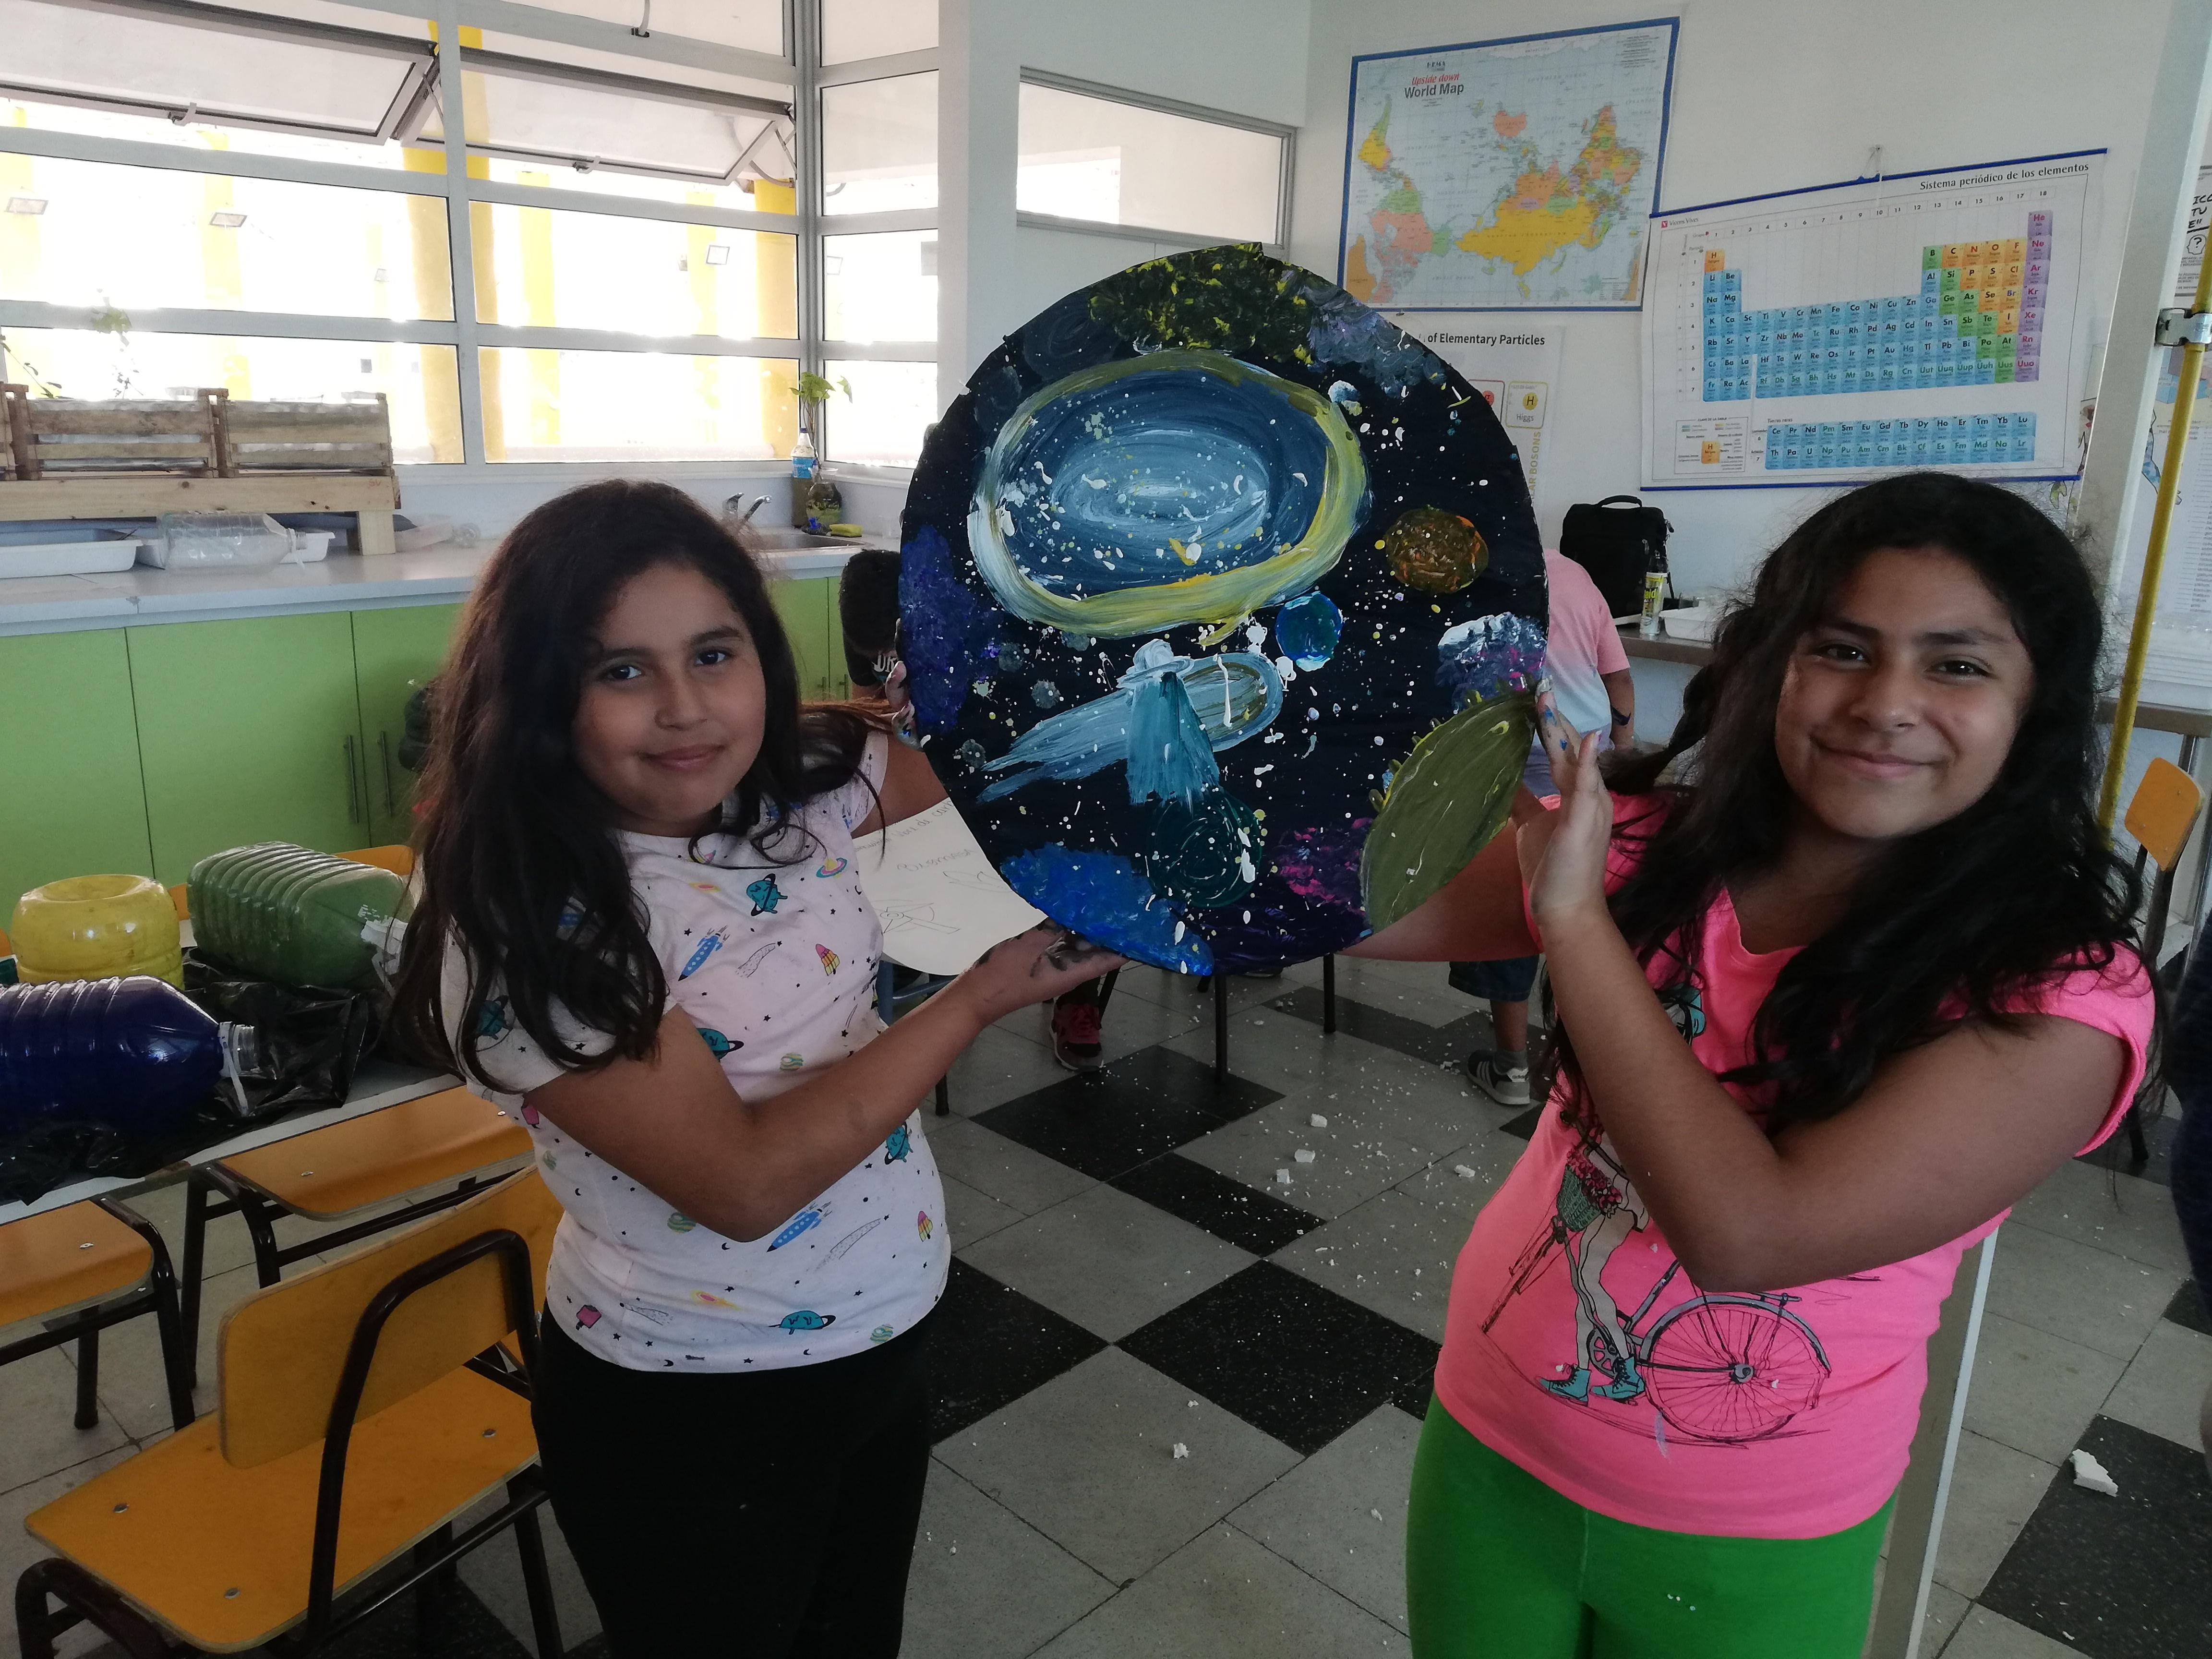 Estudiantes potencian sus habilidades y conocimientos  en laboratorios culturales y artísticos